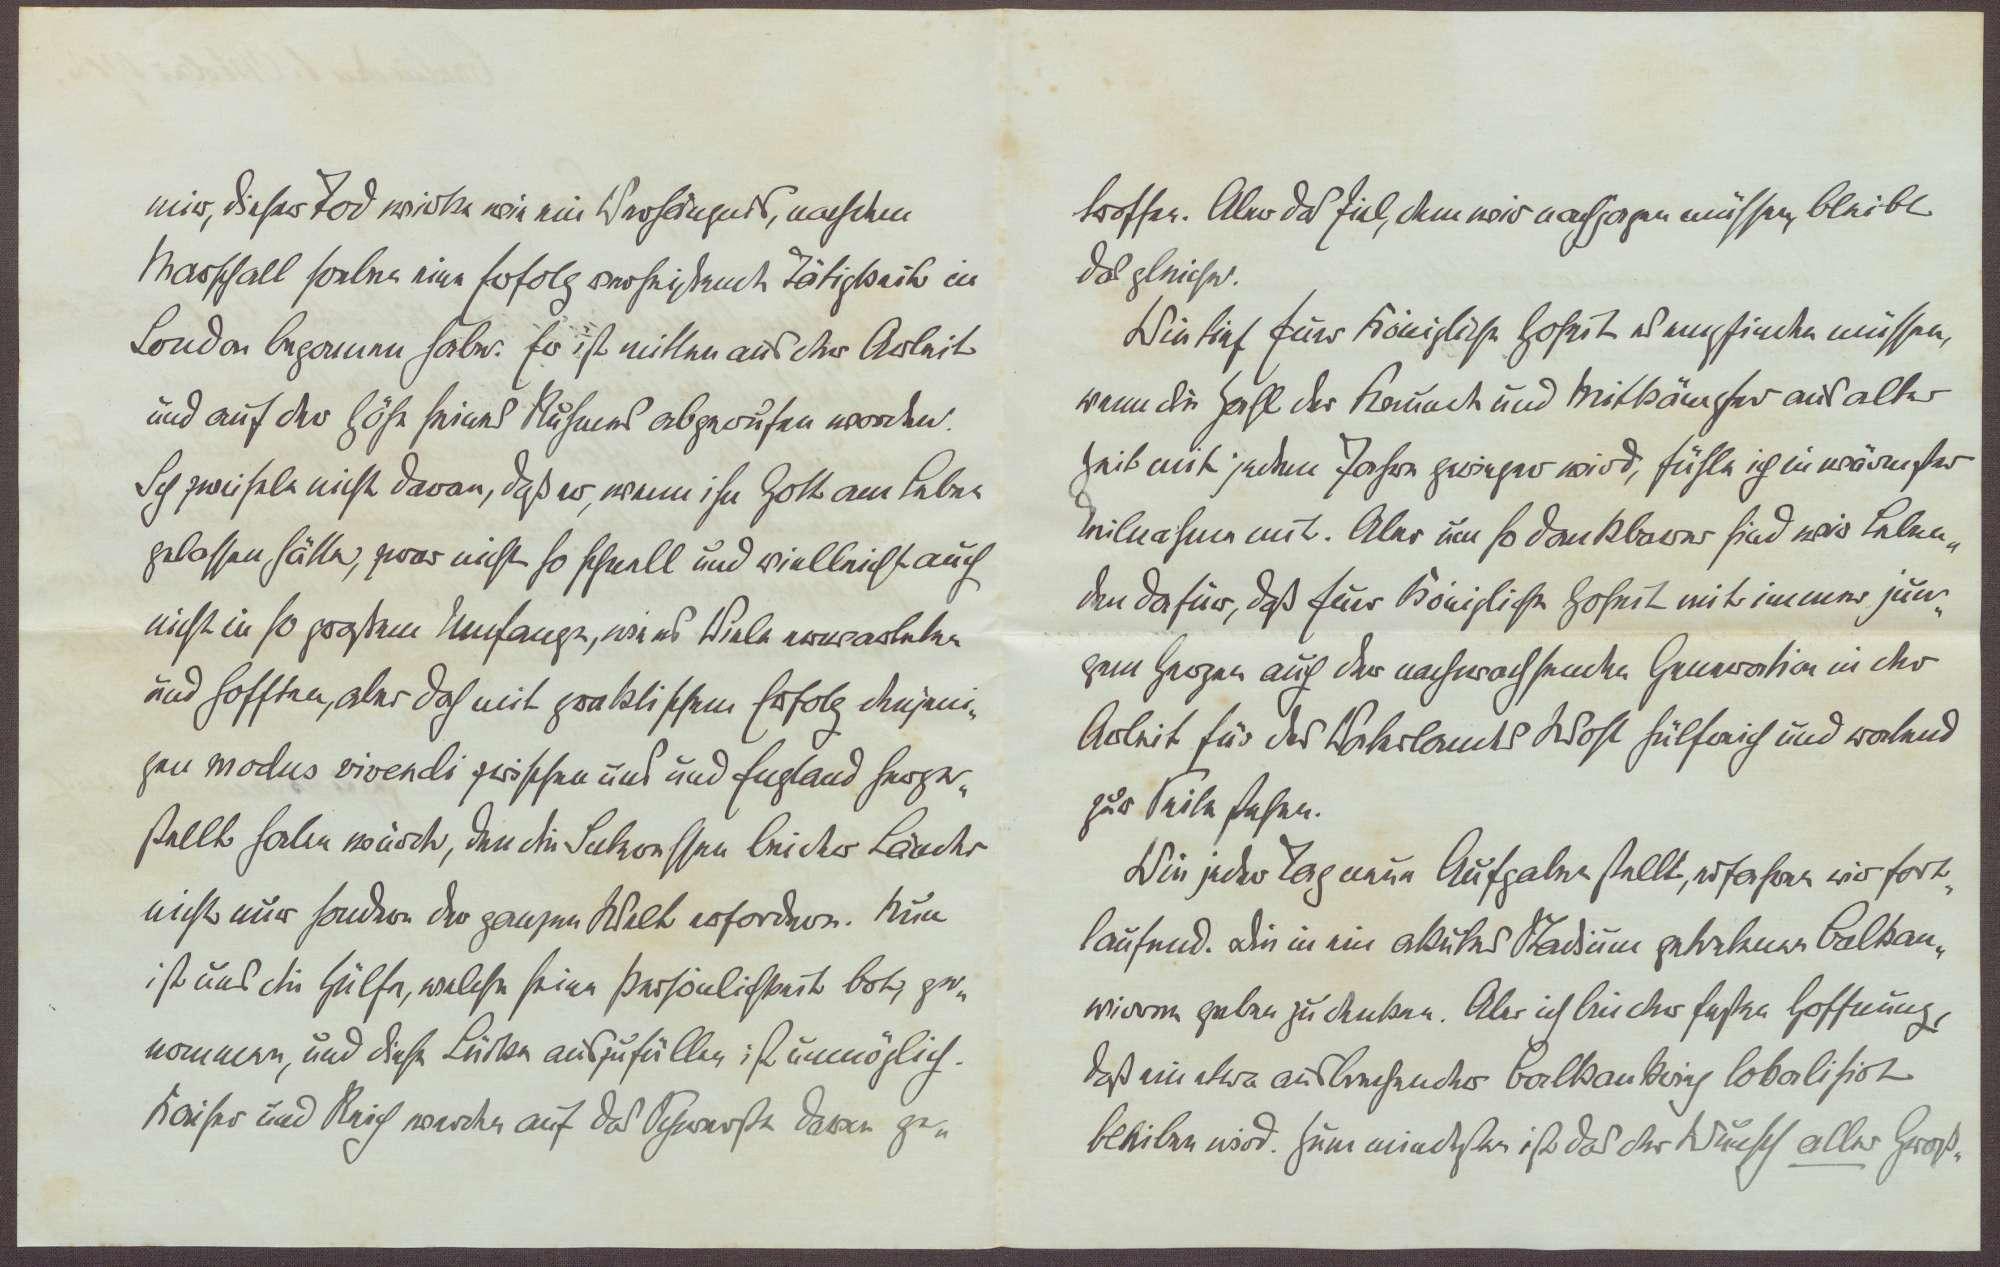 Schreiben von Theobald von Bethmann Hollweg an die Großherzogin Luise; Tod von Adolf Marschall von Biberstein, Bild 2